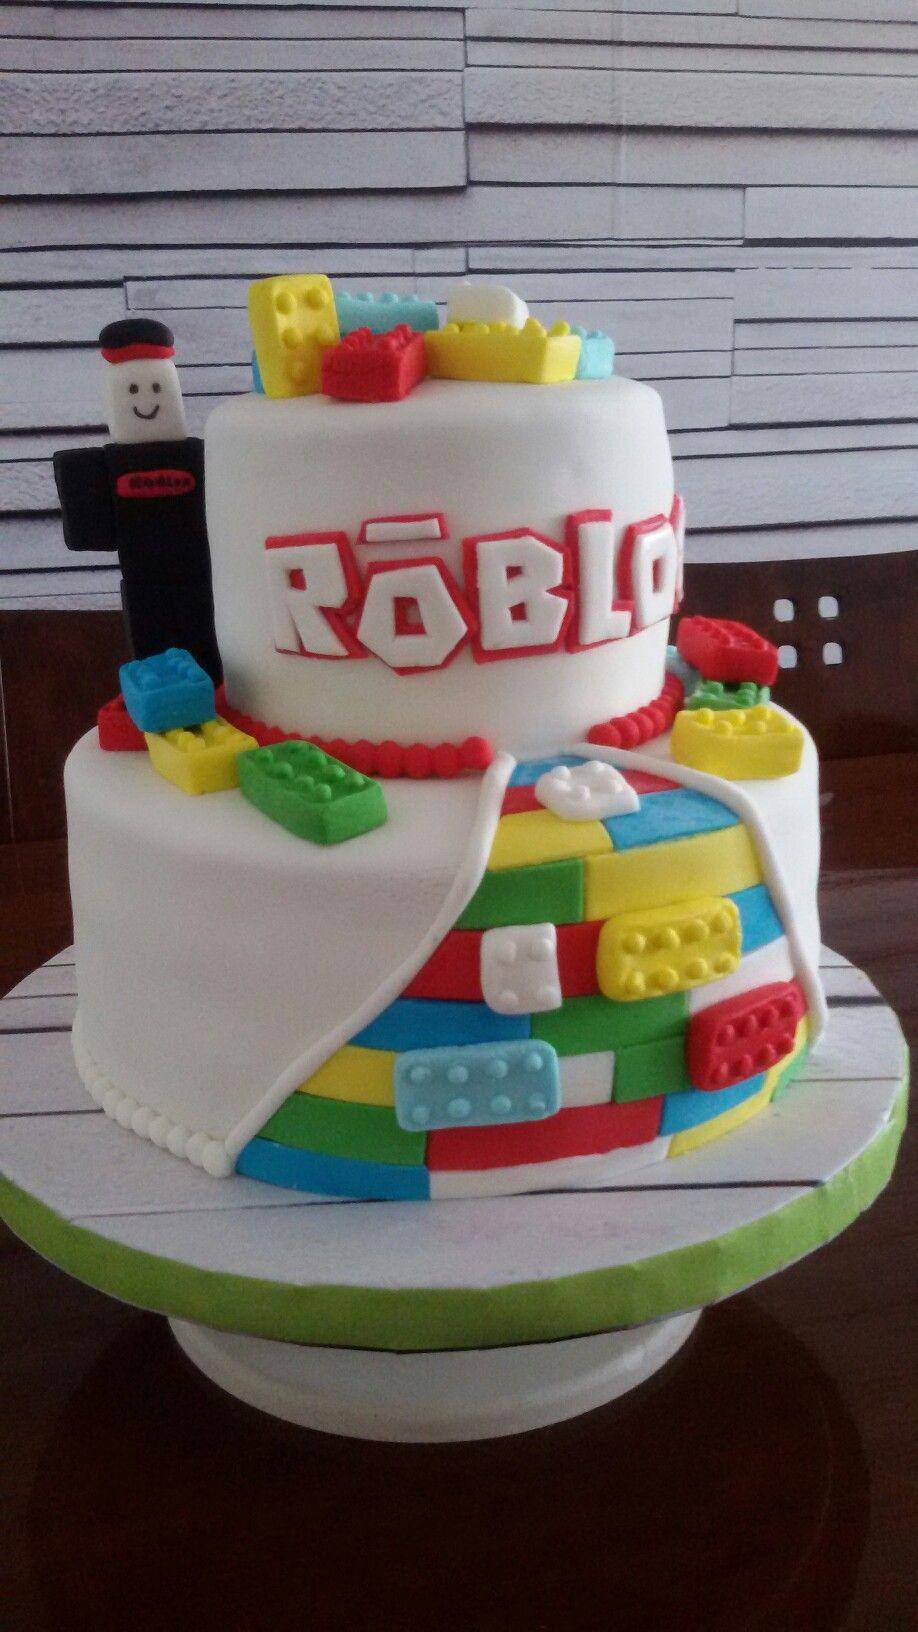 Tortaroblox Torta Roblox Crema Torta Fondant Roblox Tortas Creativas Tortas De Cumpleanos Tortas